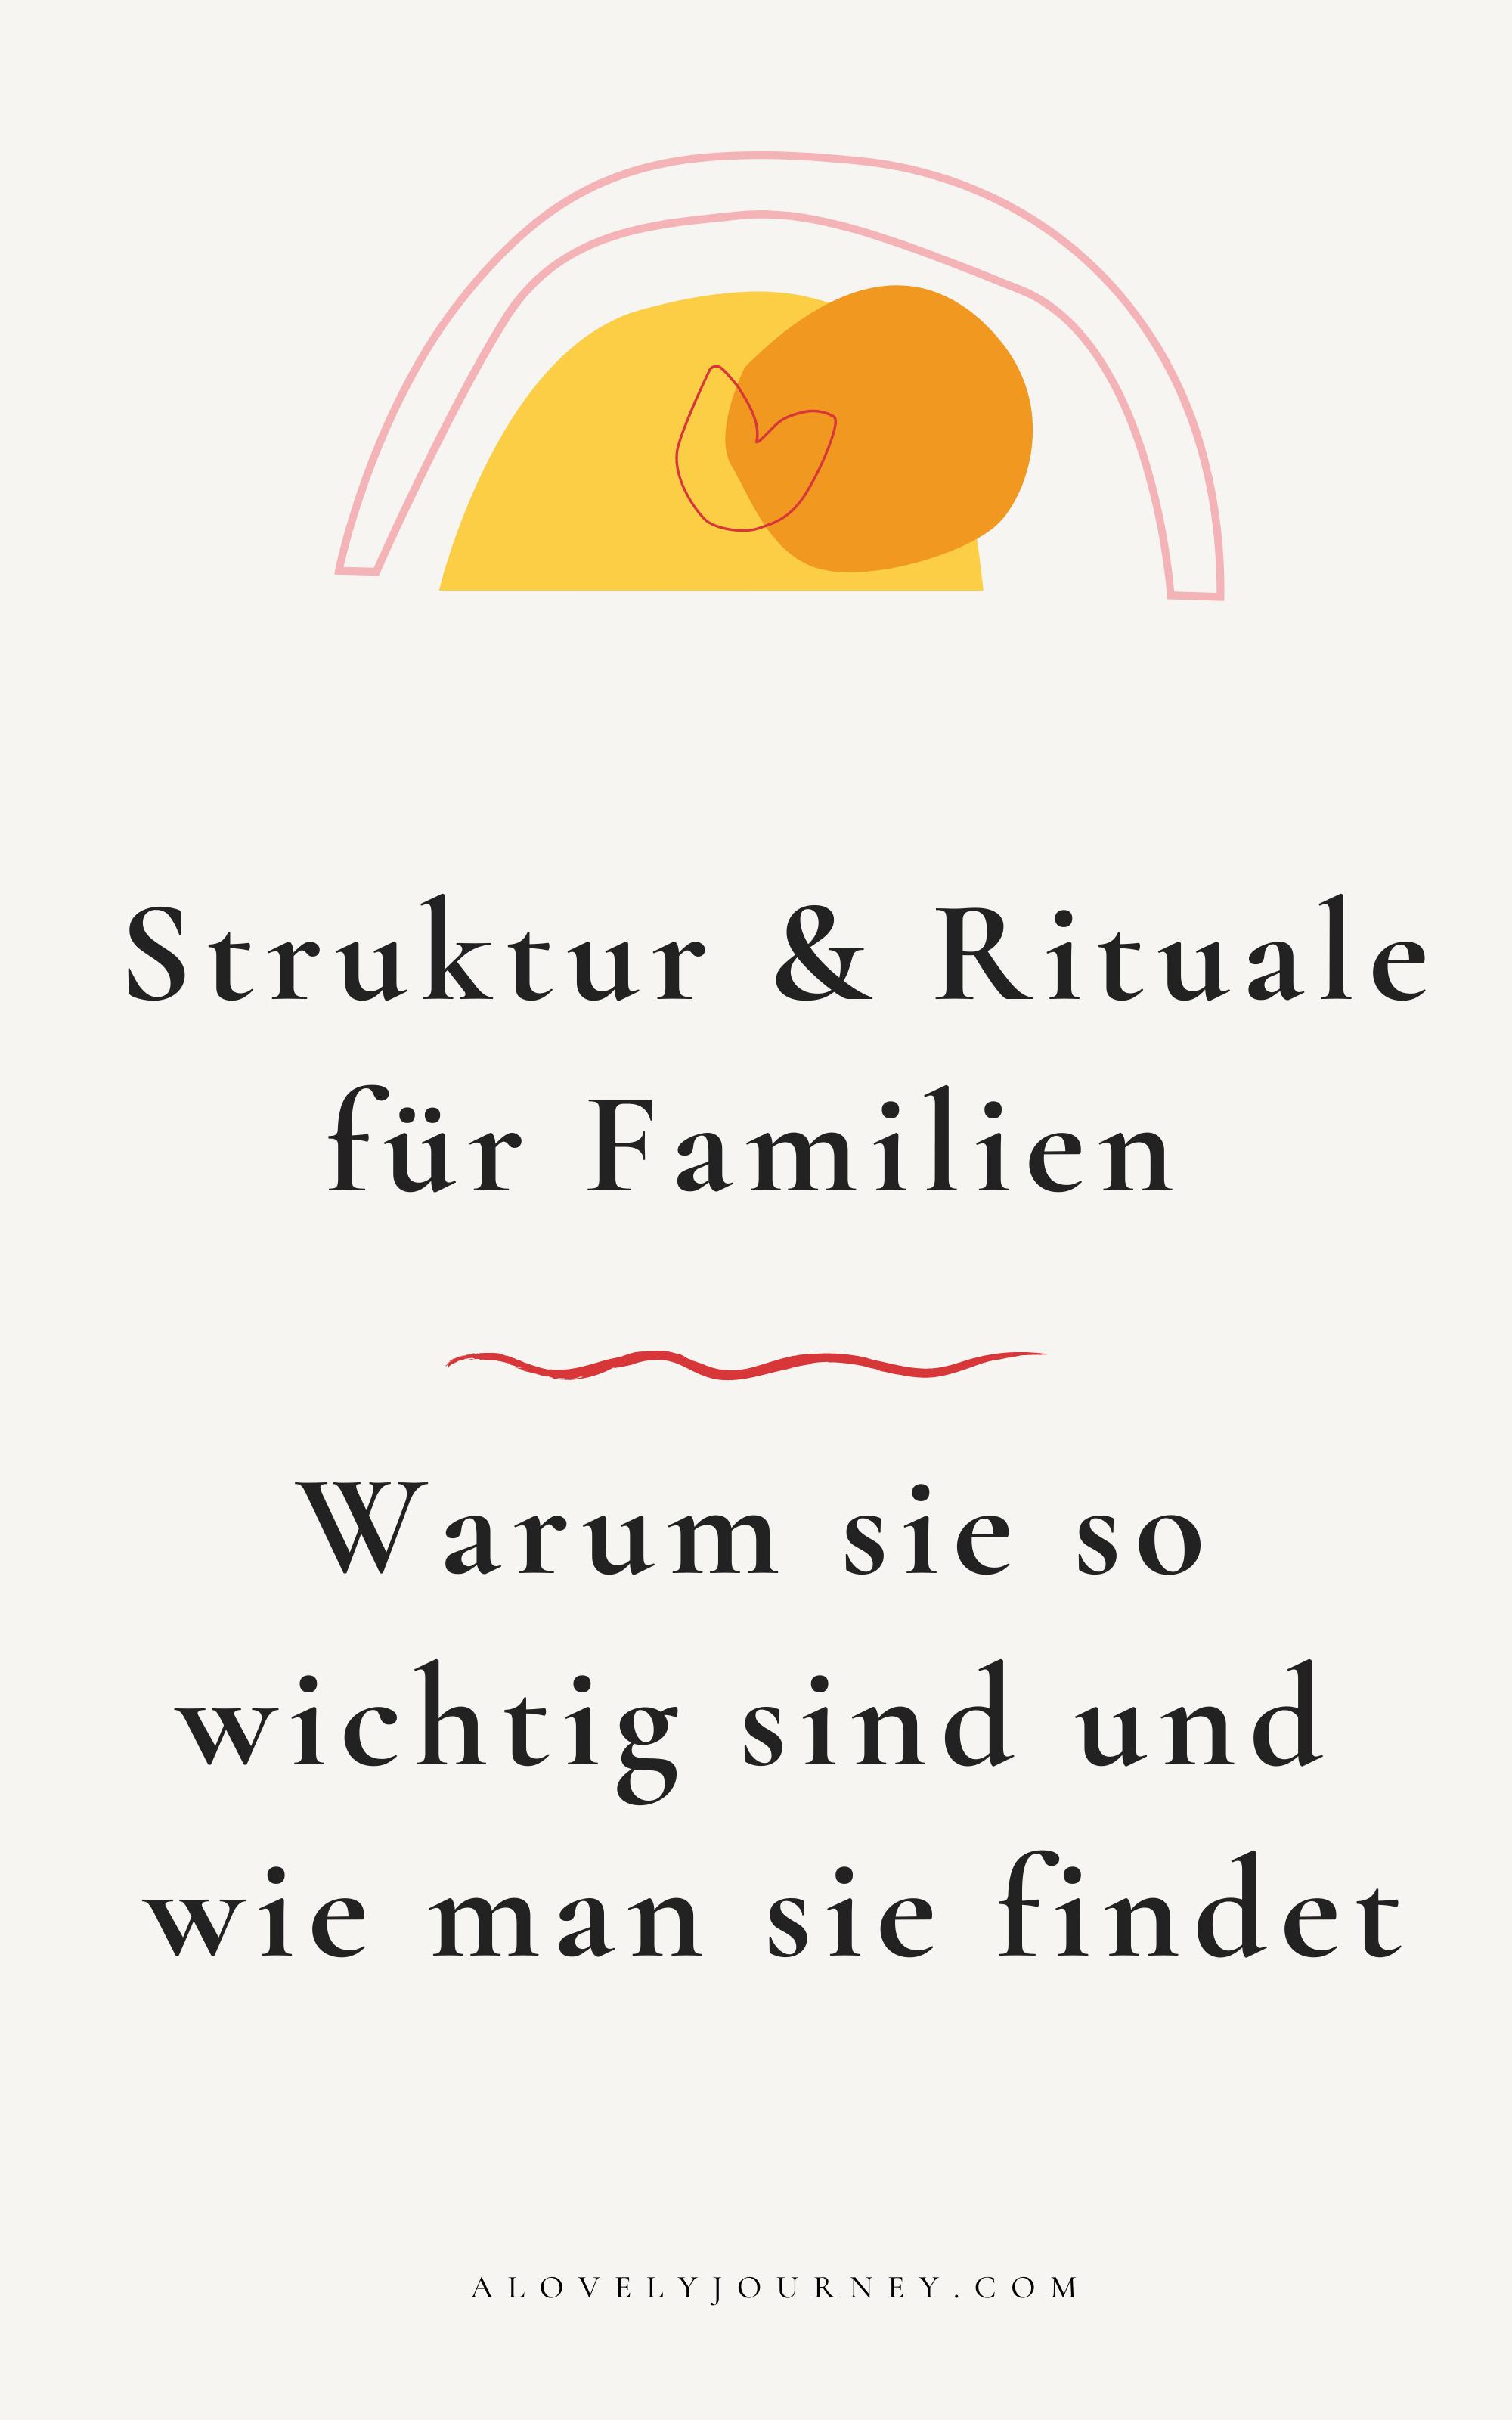 Struktur und Rituale für Familien: Warum sie so wichtig sind und wie man sie findet